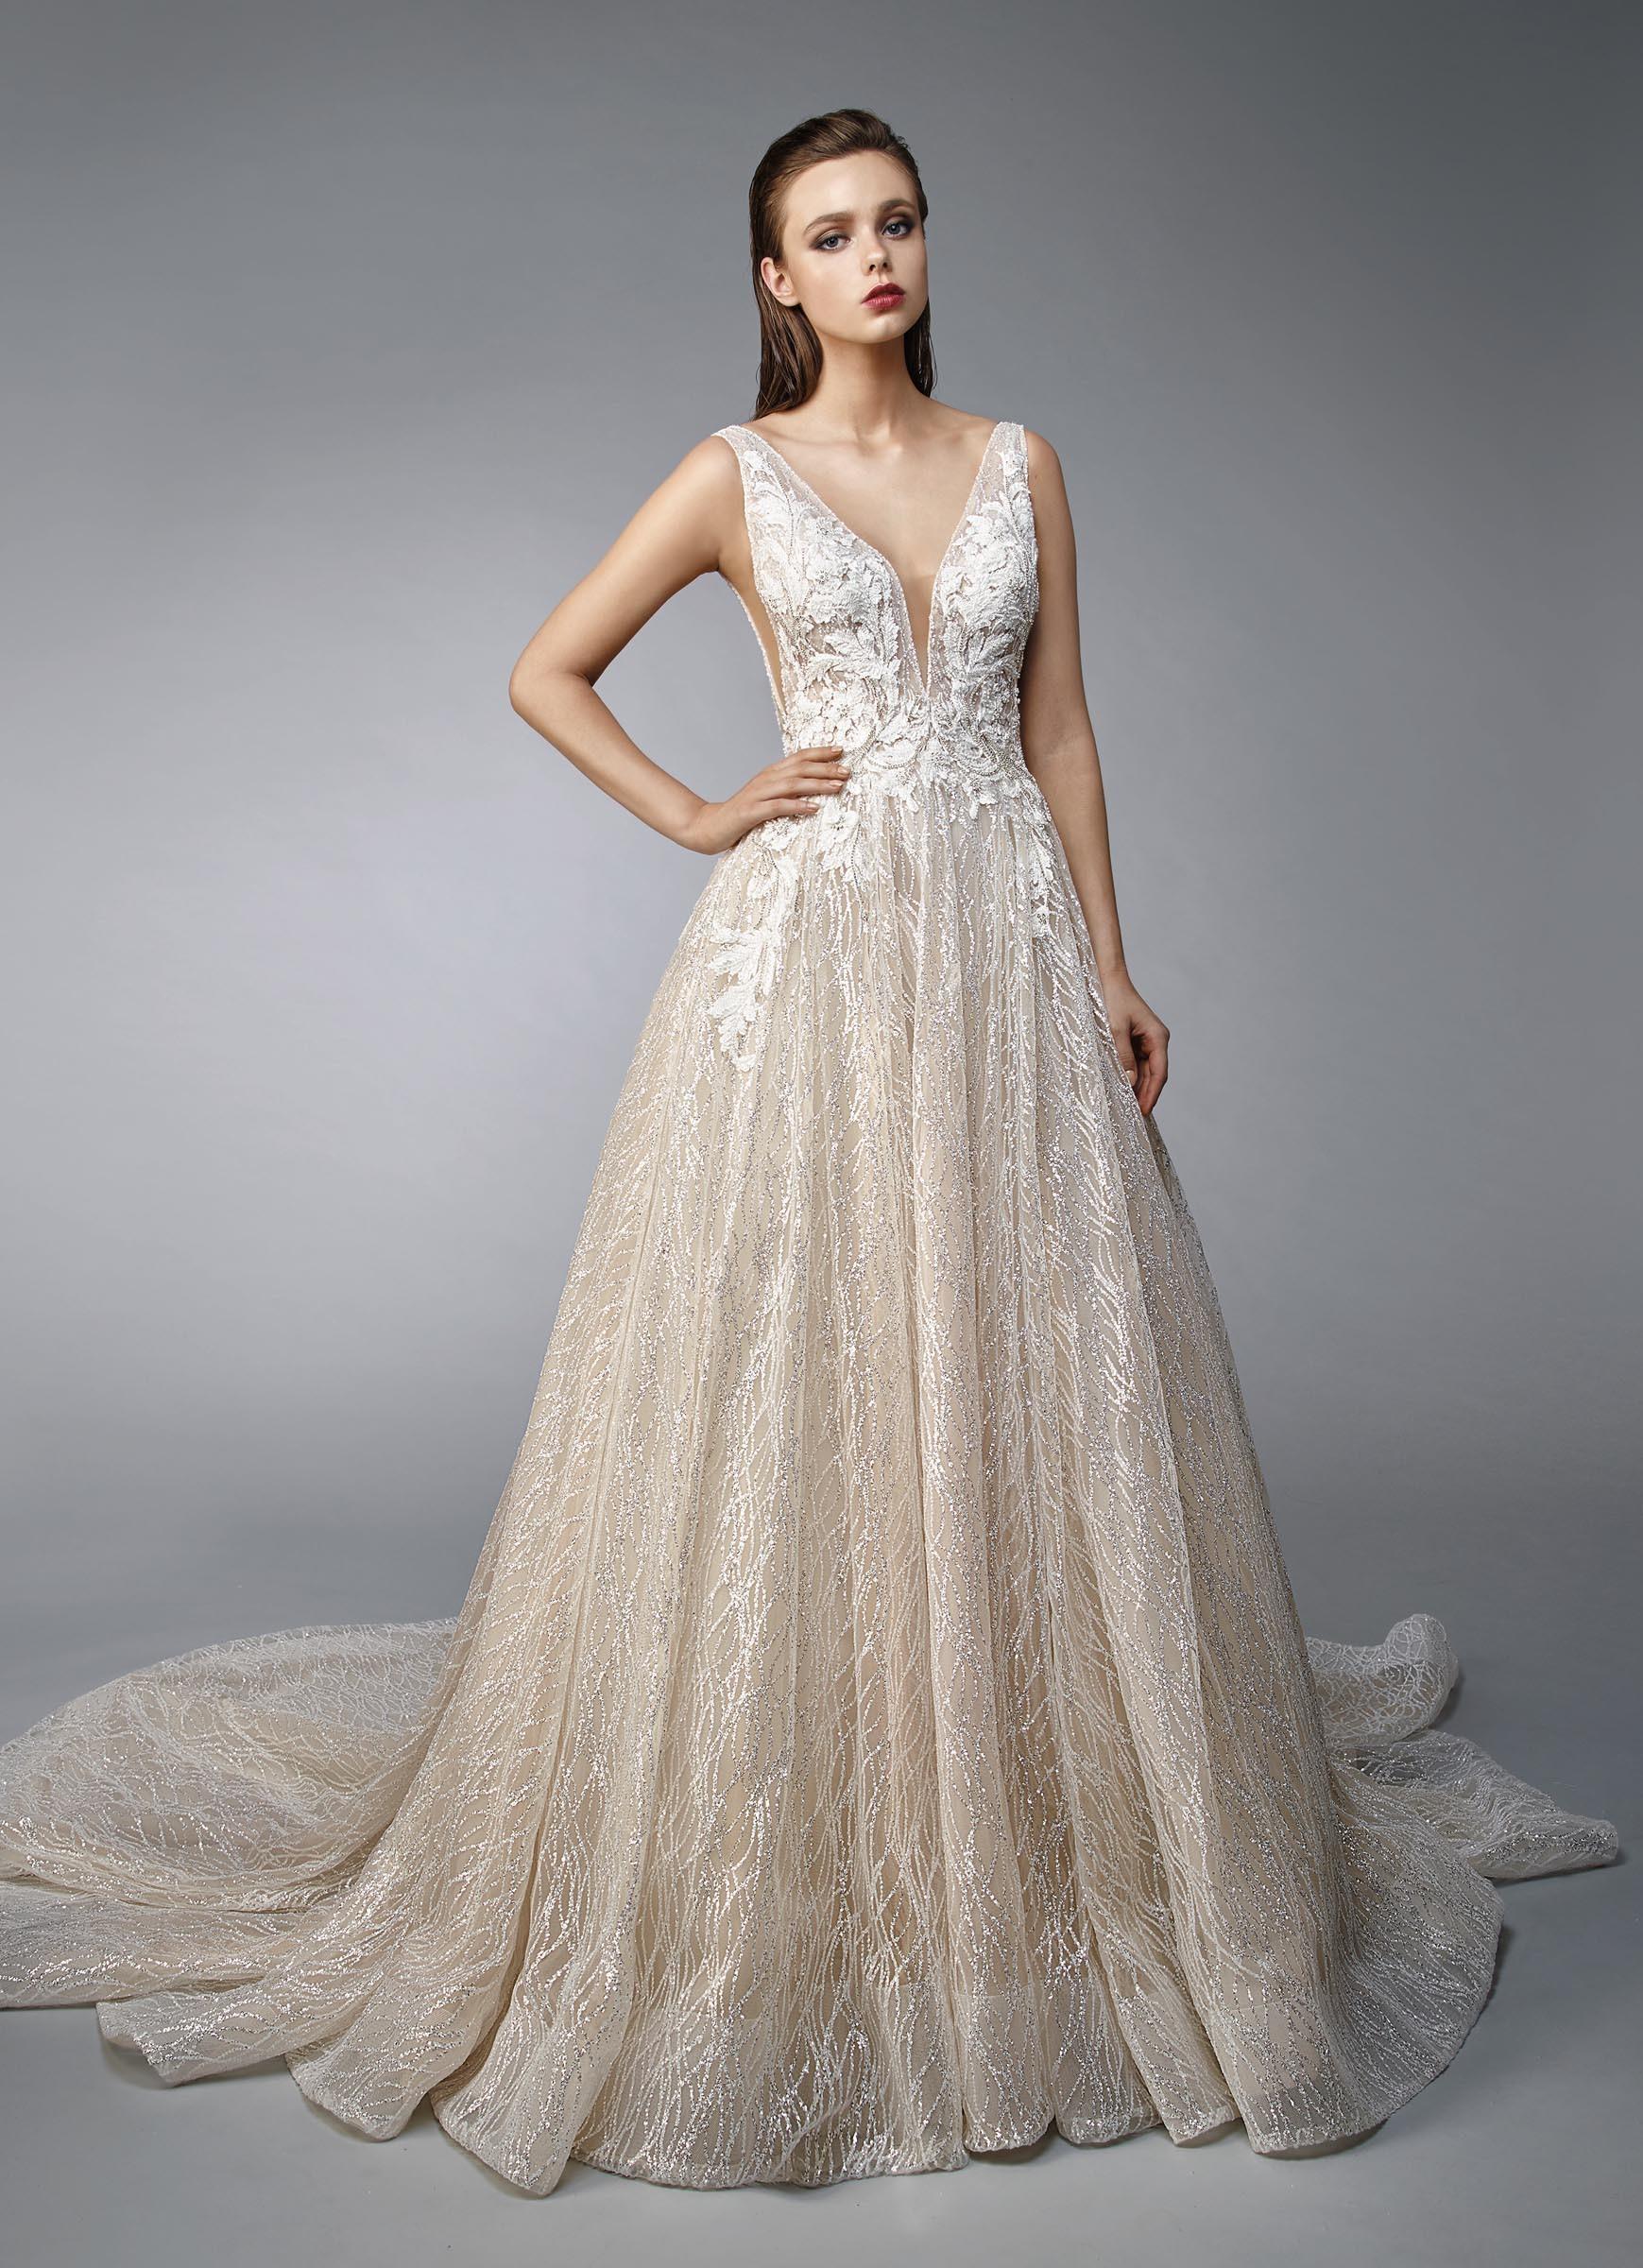 Goldenes Brautkleid im Prinzesschnitt mit cremefarbener Spitze und